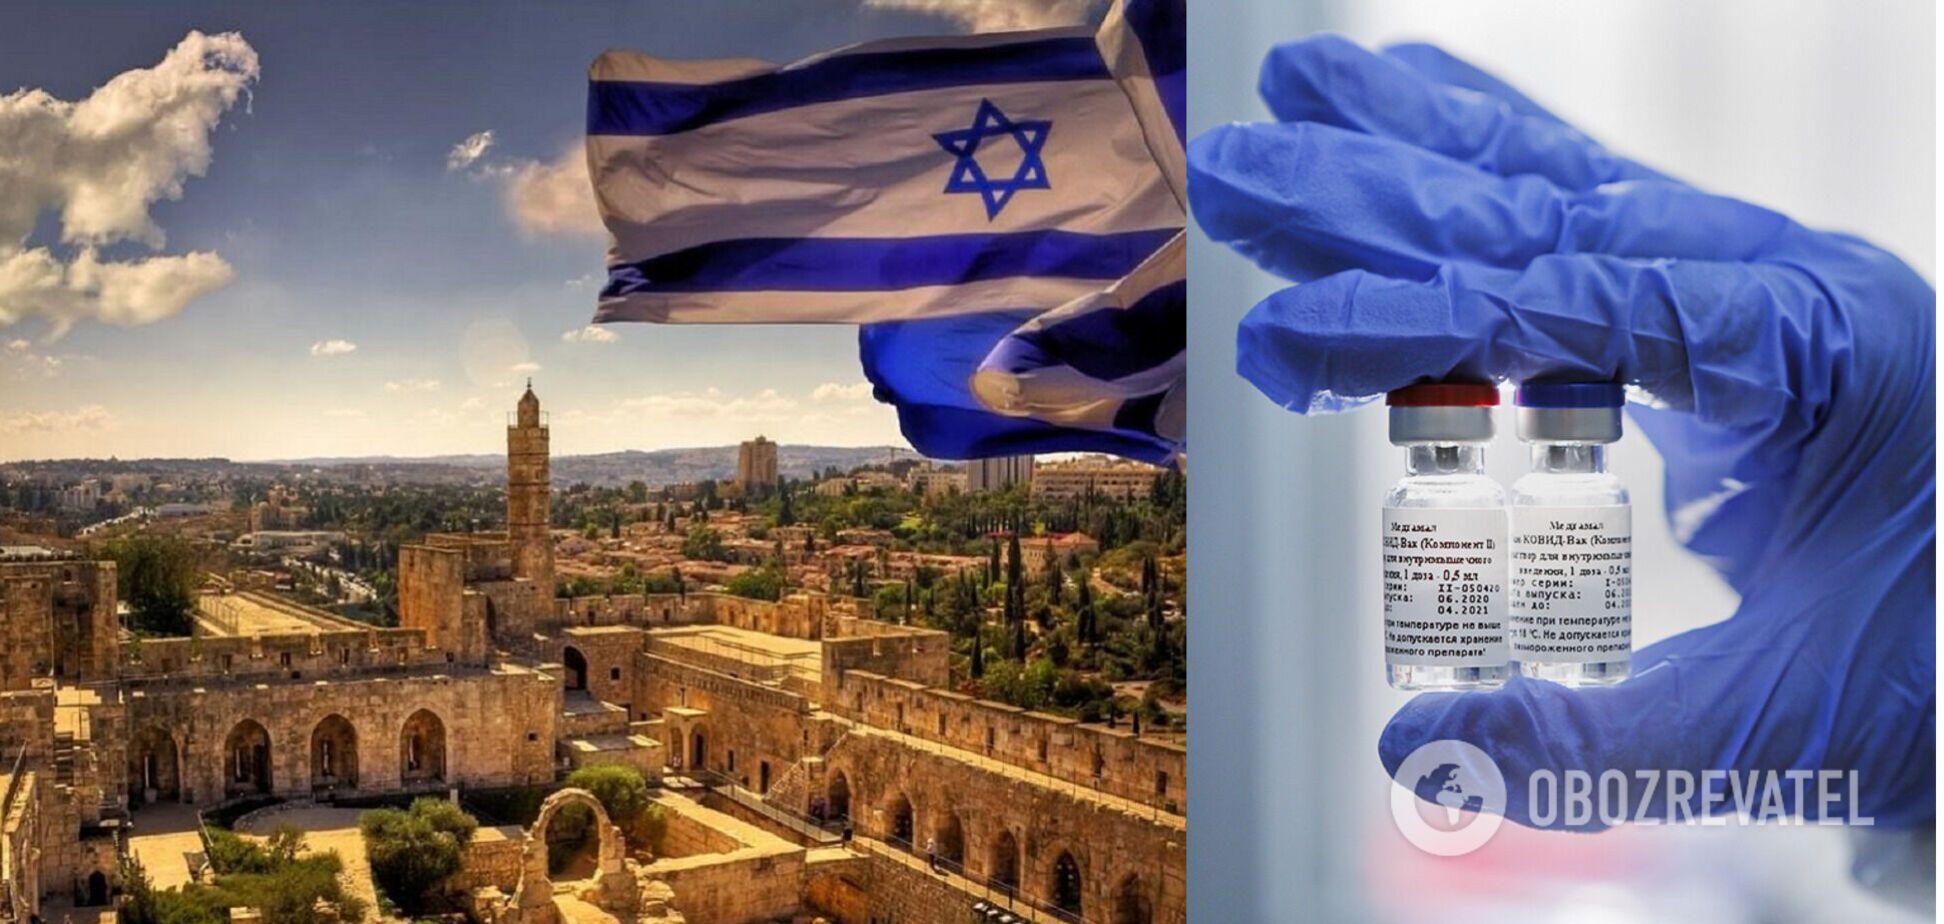 Сирия вынудила Израиль закупить российскую вакцину – The New York Times